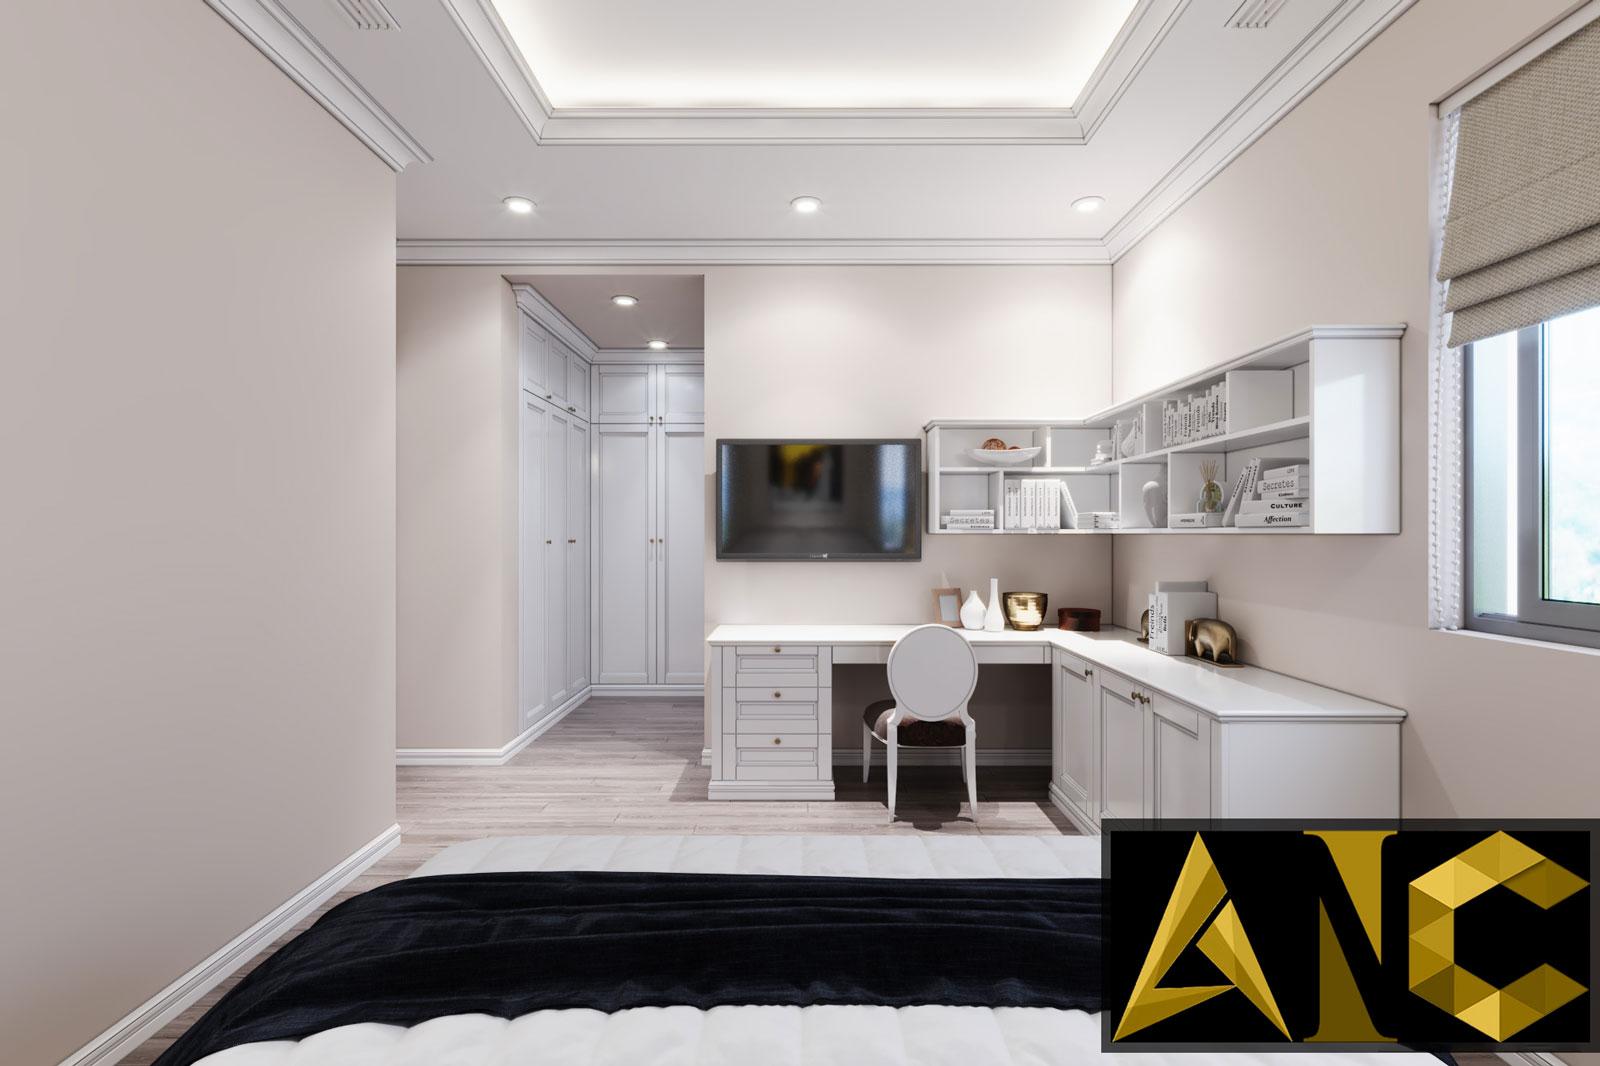 Thiết kế nội thất Nine South: Nhà Con Trai View 3 - Nhà Anh Mạnh